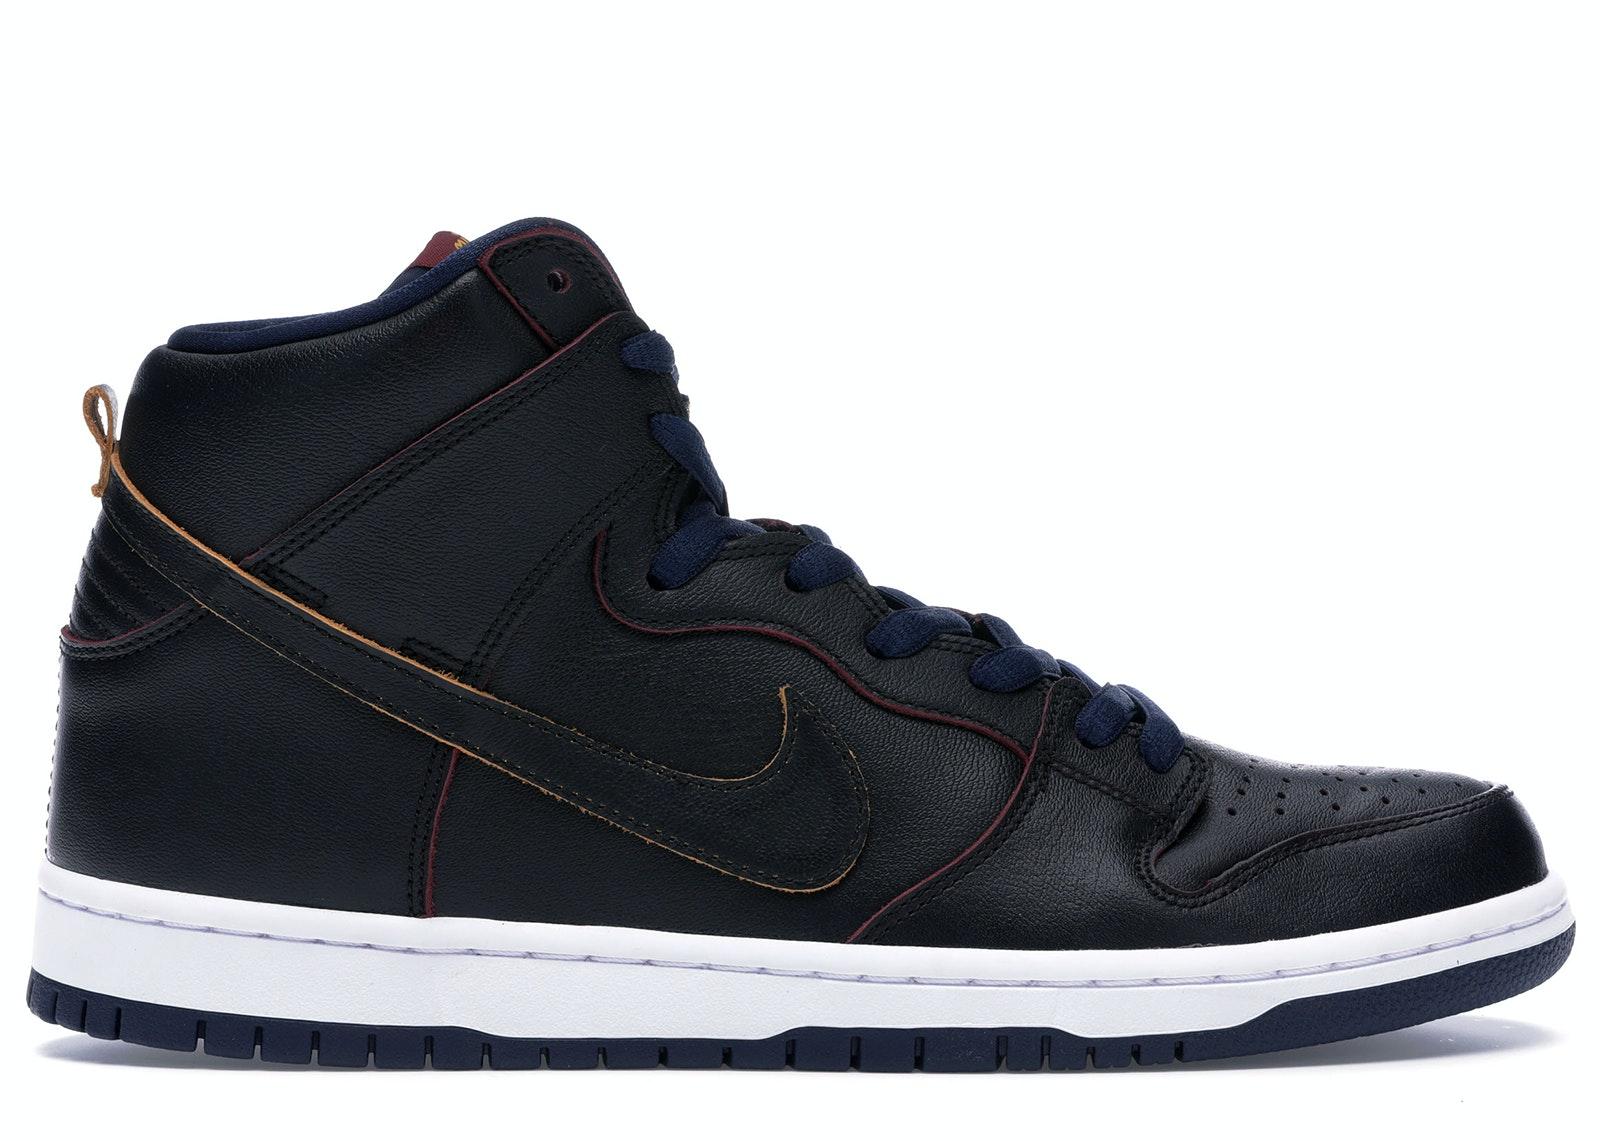 Nike SB Dunk High NBA Cavs